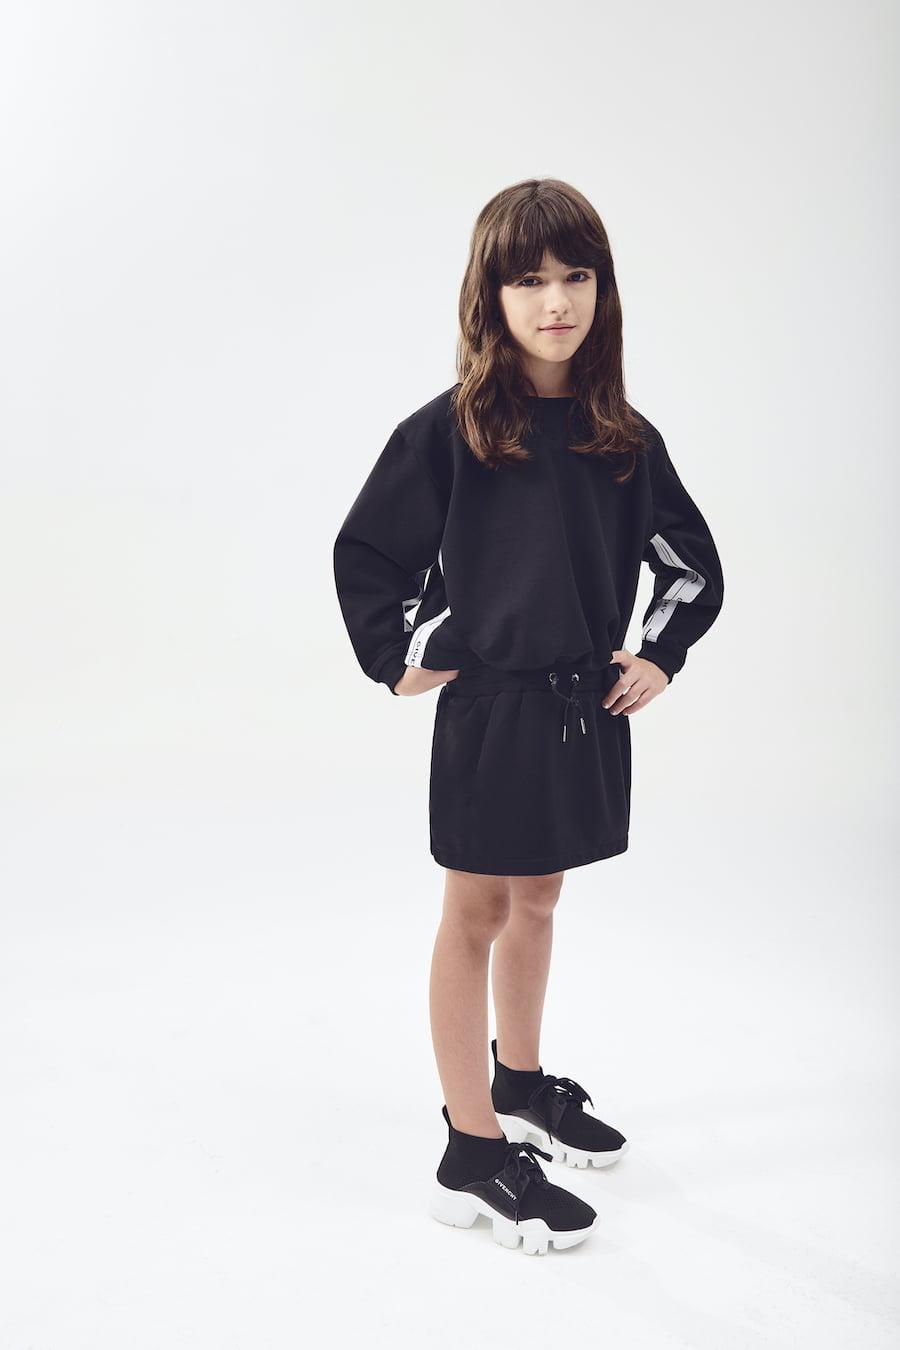 El arma secreta de Givenchy para volver